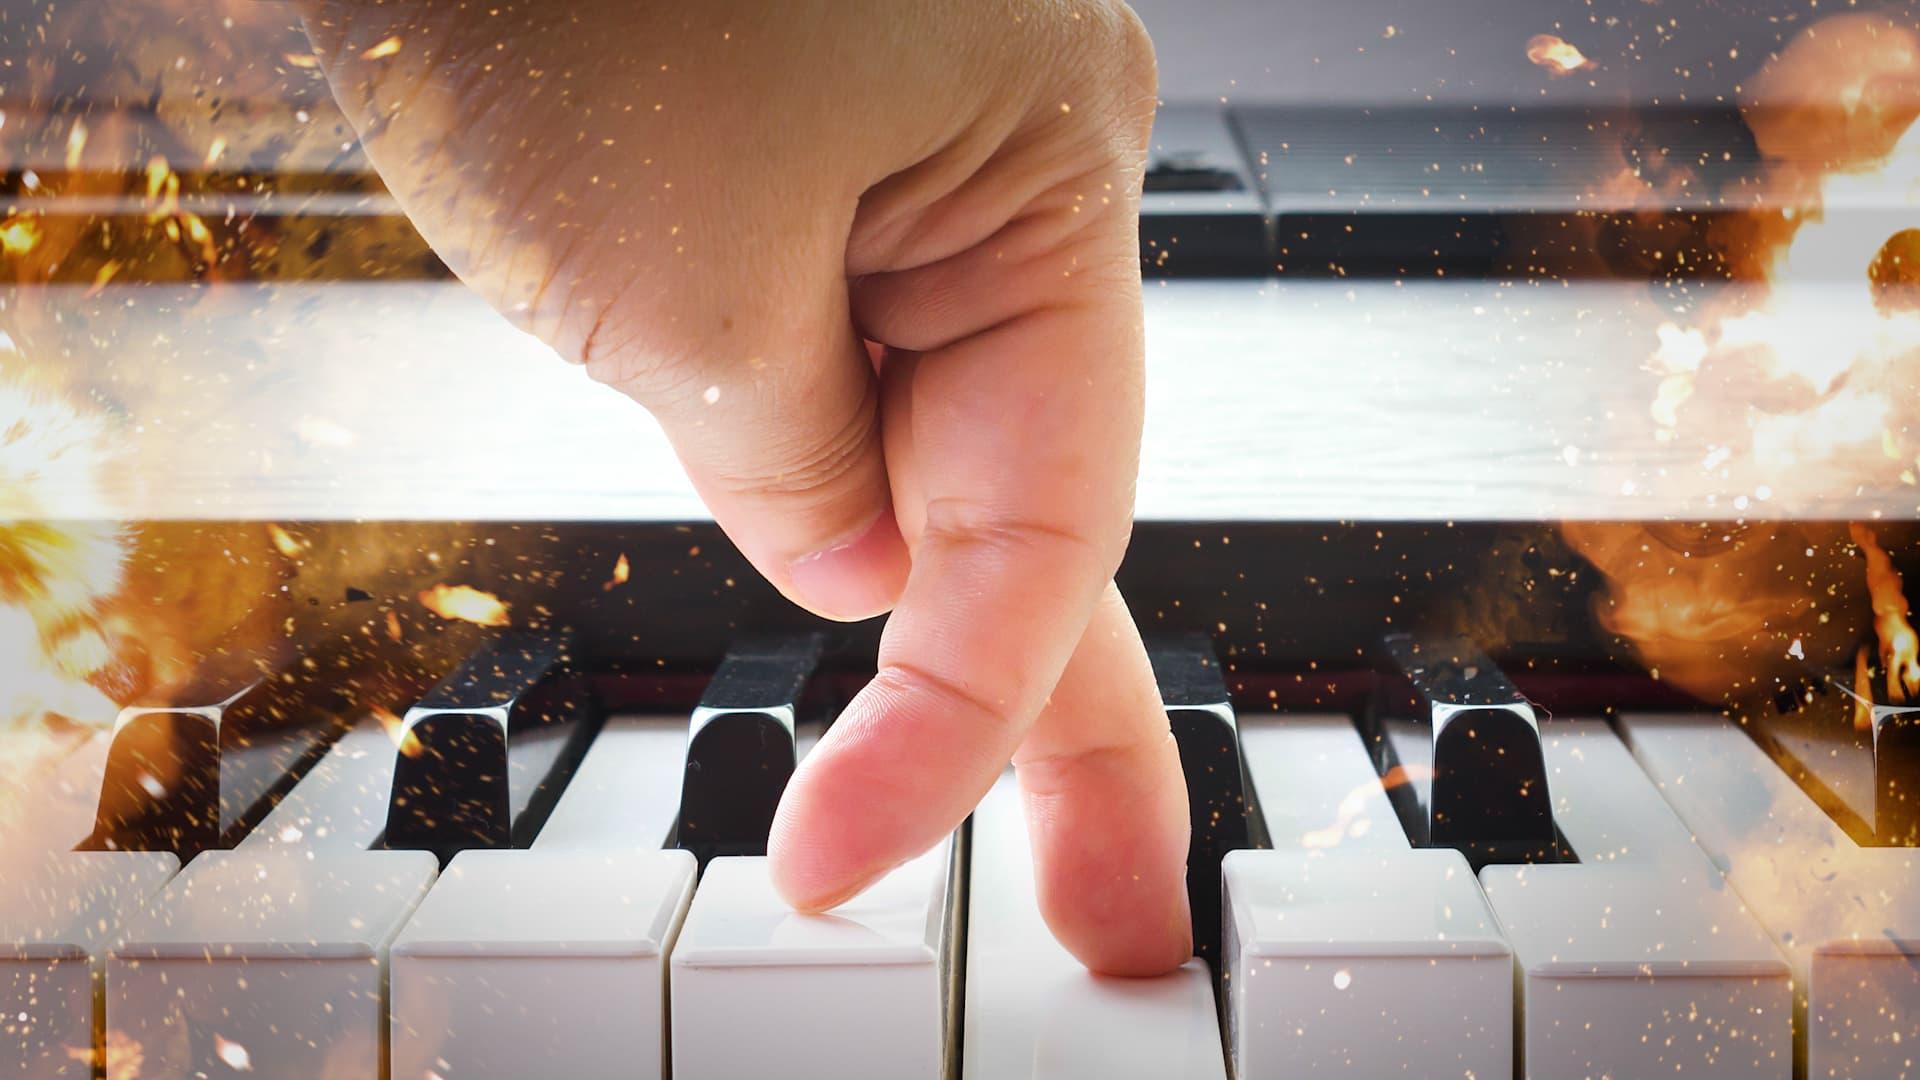 Kuinka monta kertaa minuutin aikana ehtii soittaa nuotin?